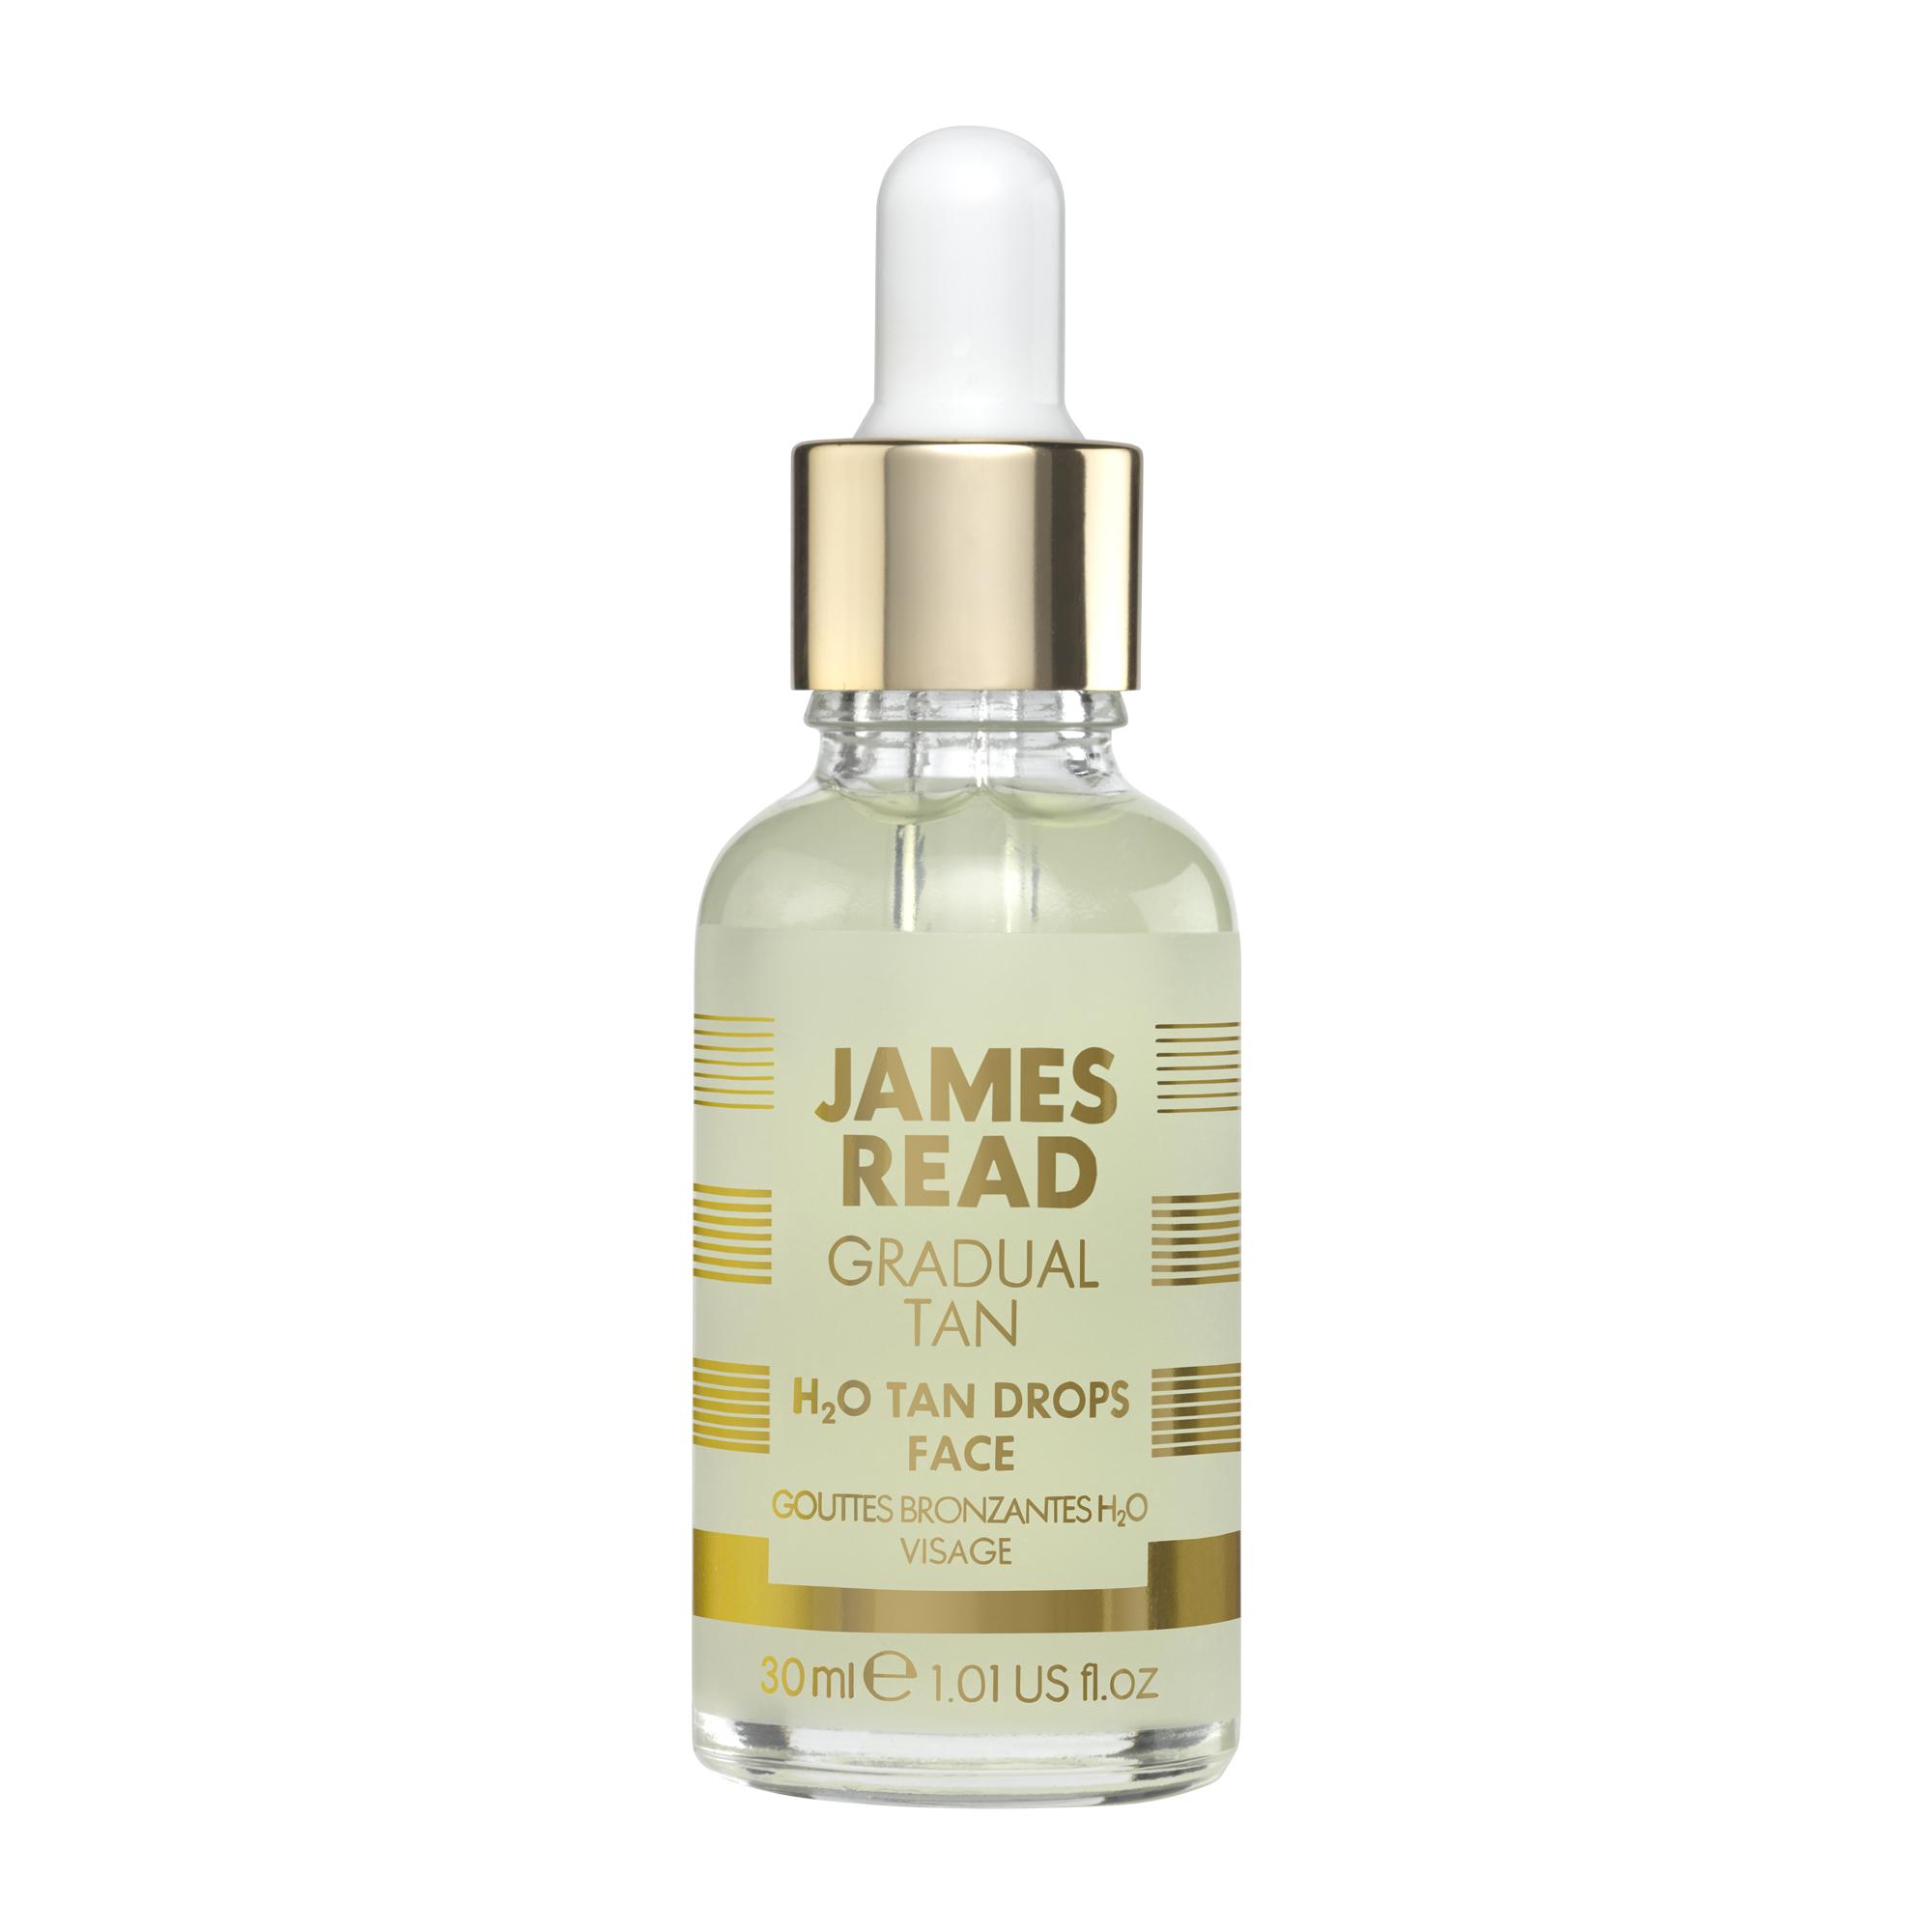 James Read H2O Face Tan Drops, 30 ml